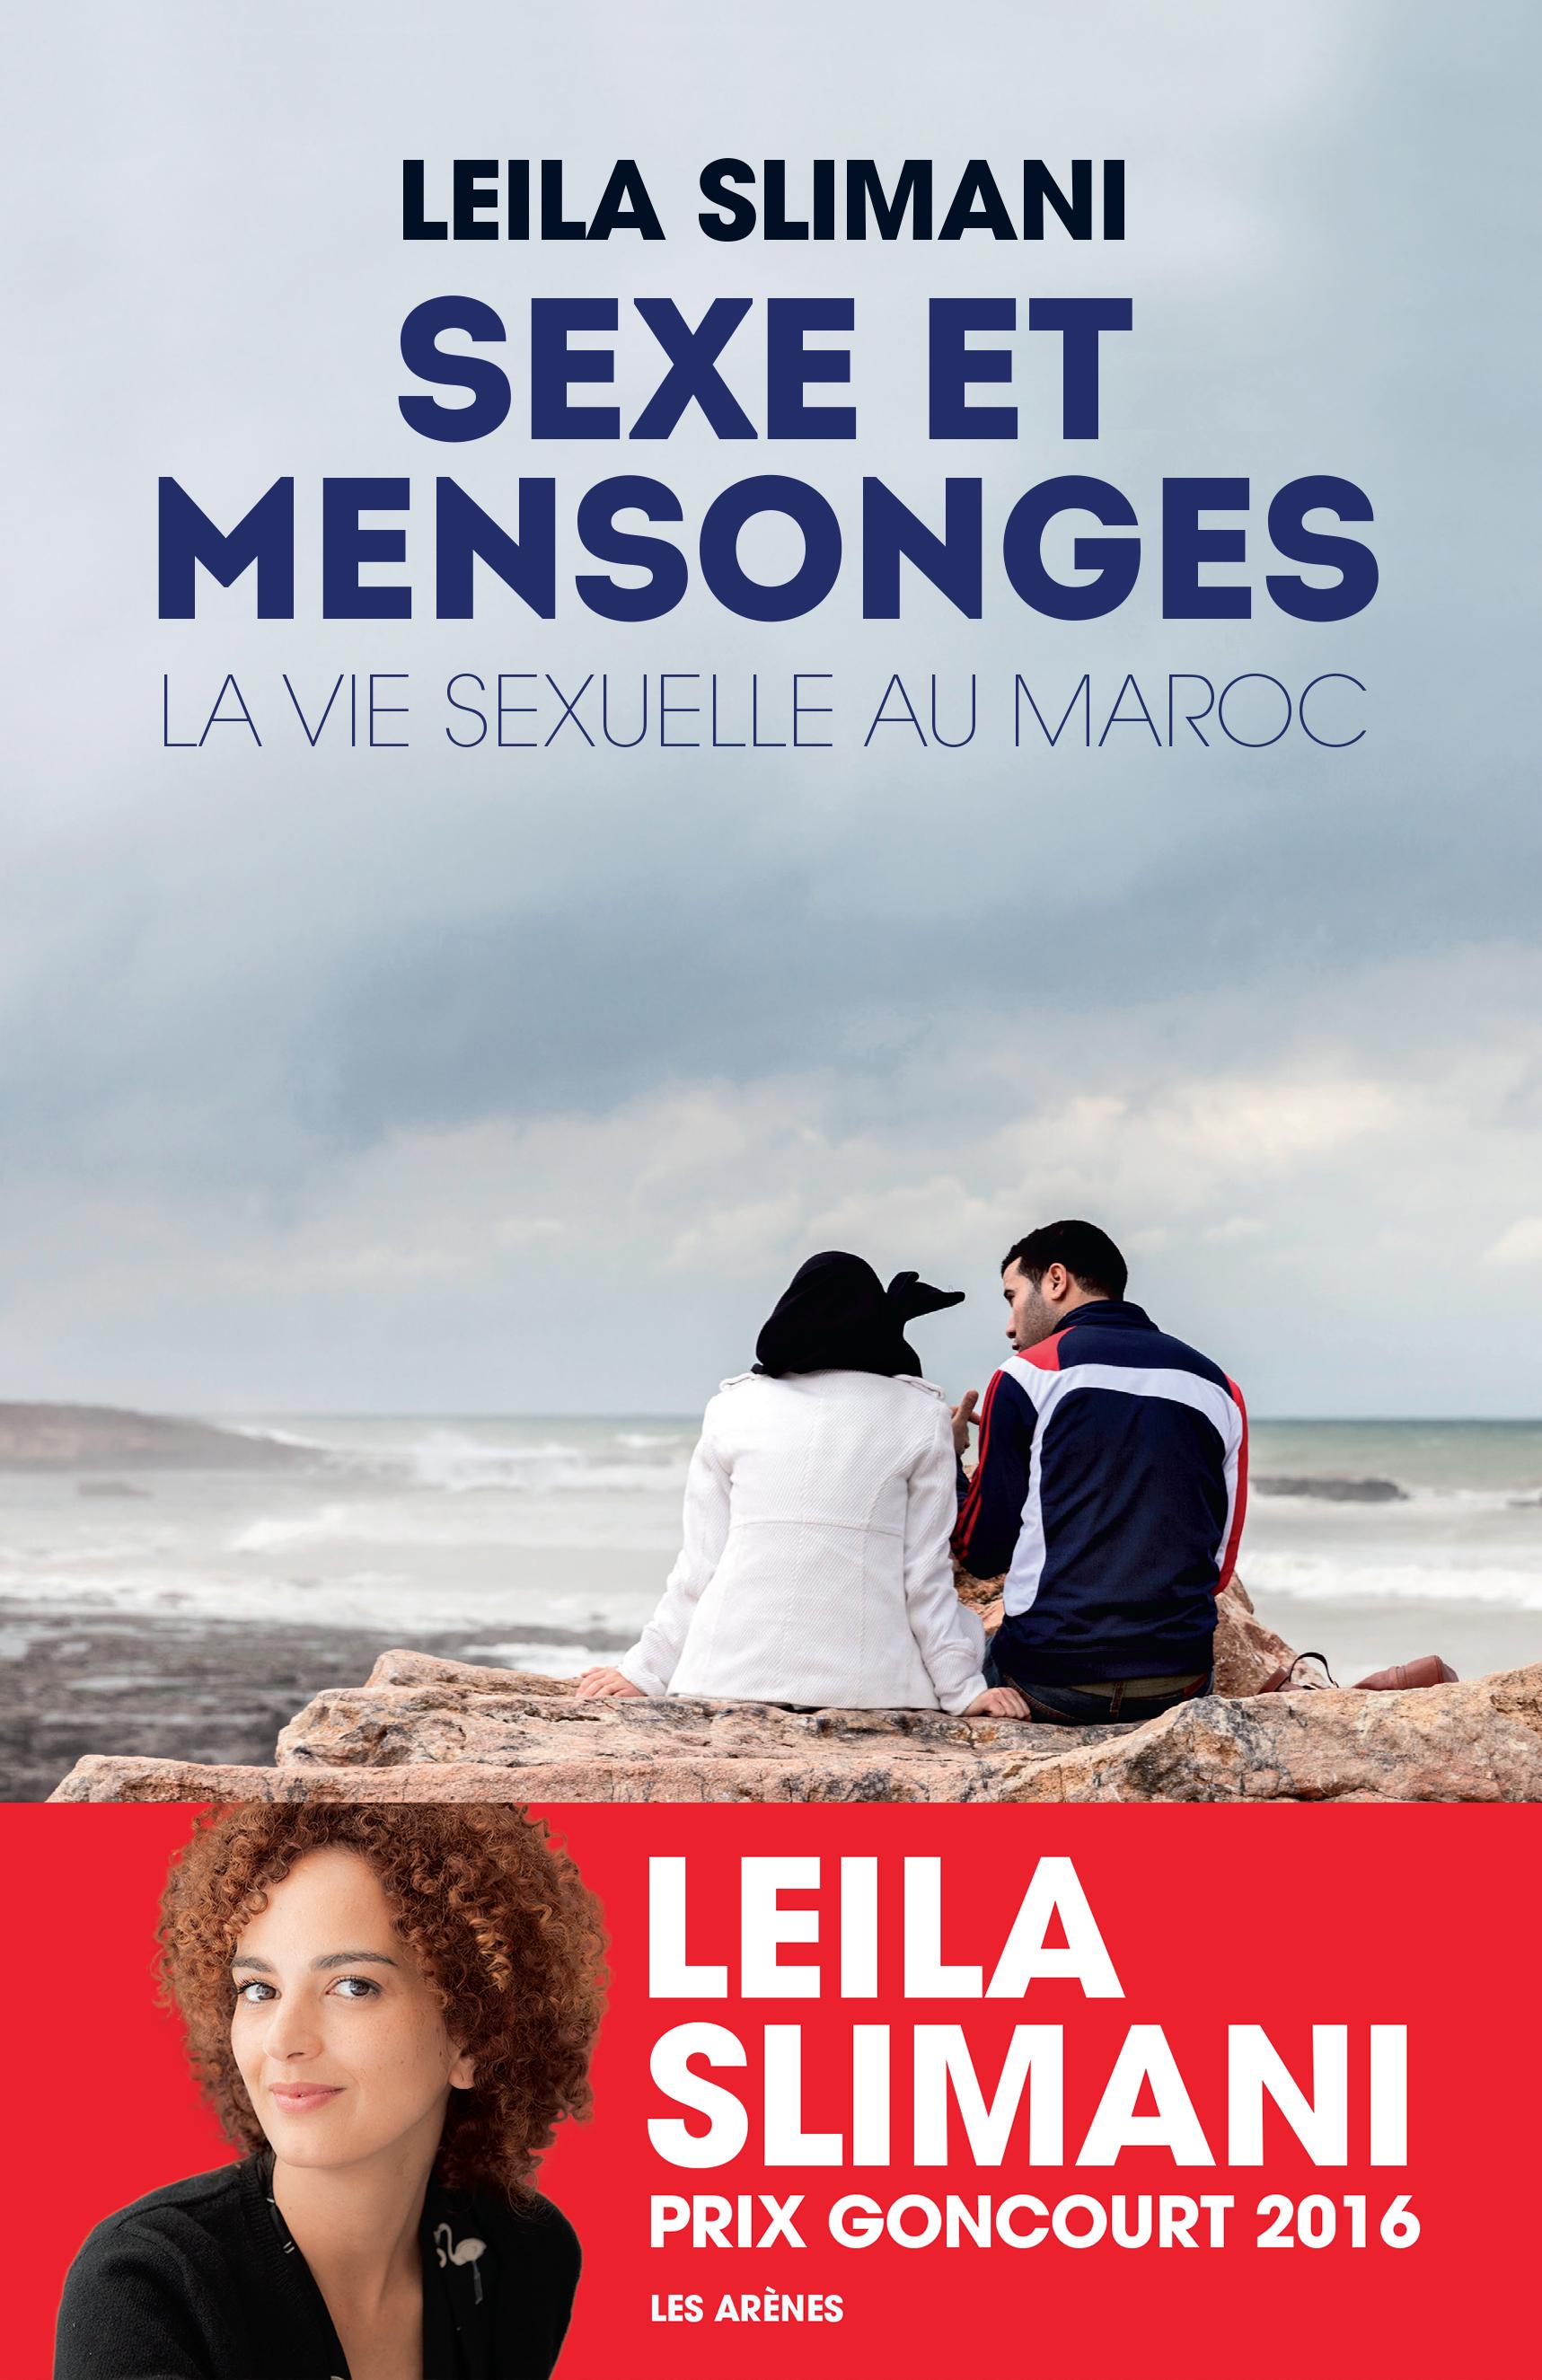 dessin sexe sexe algerie